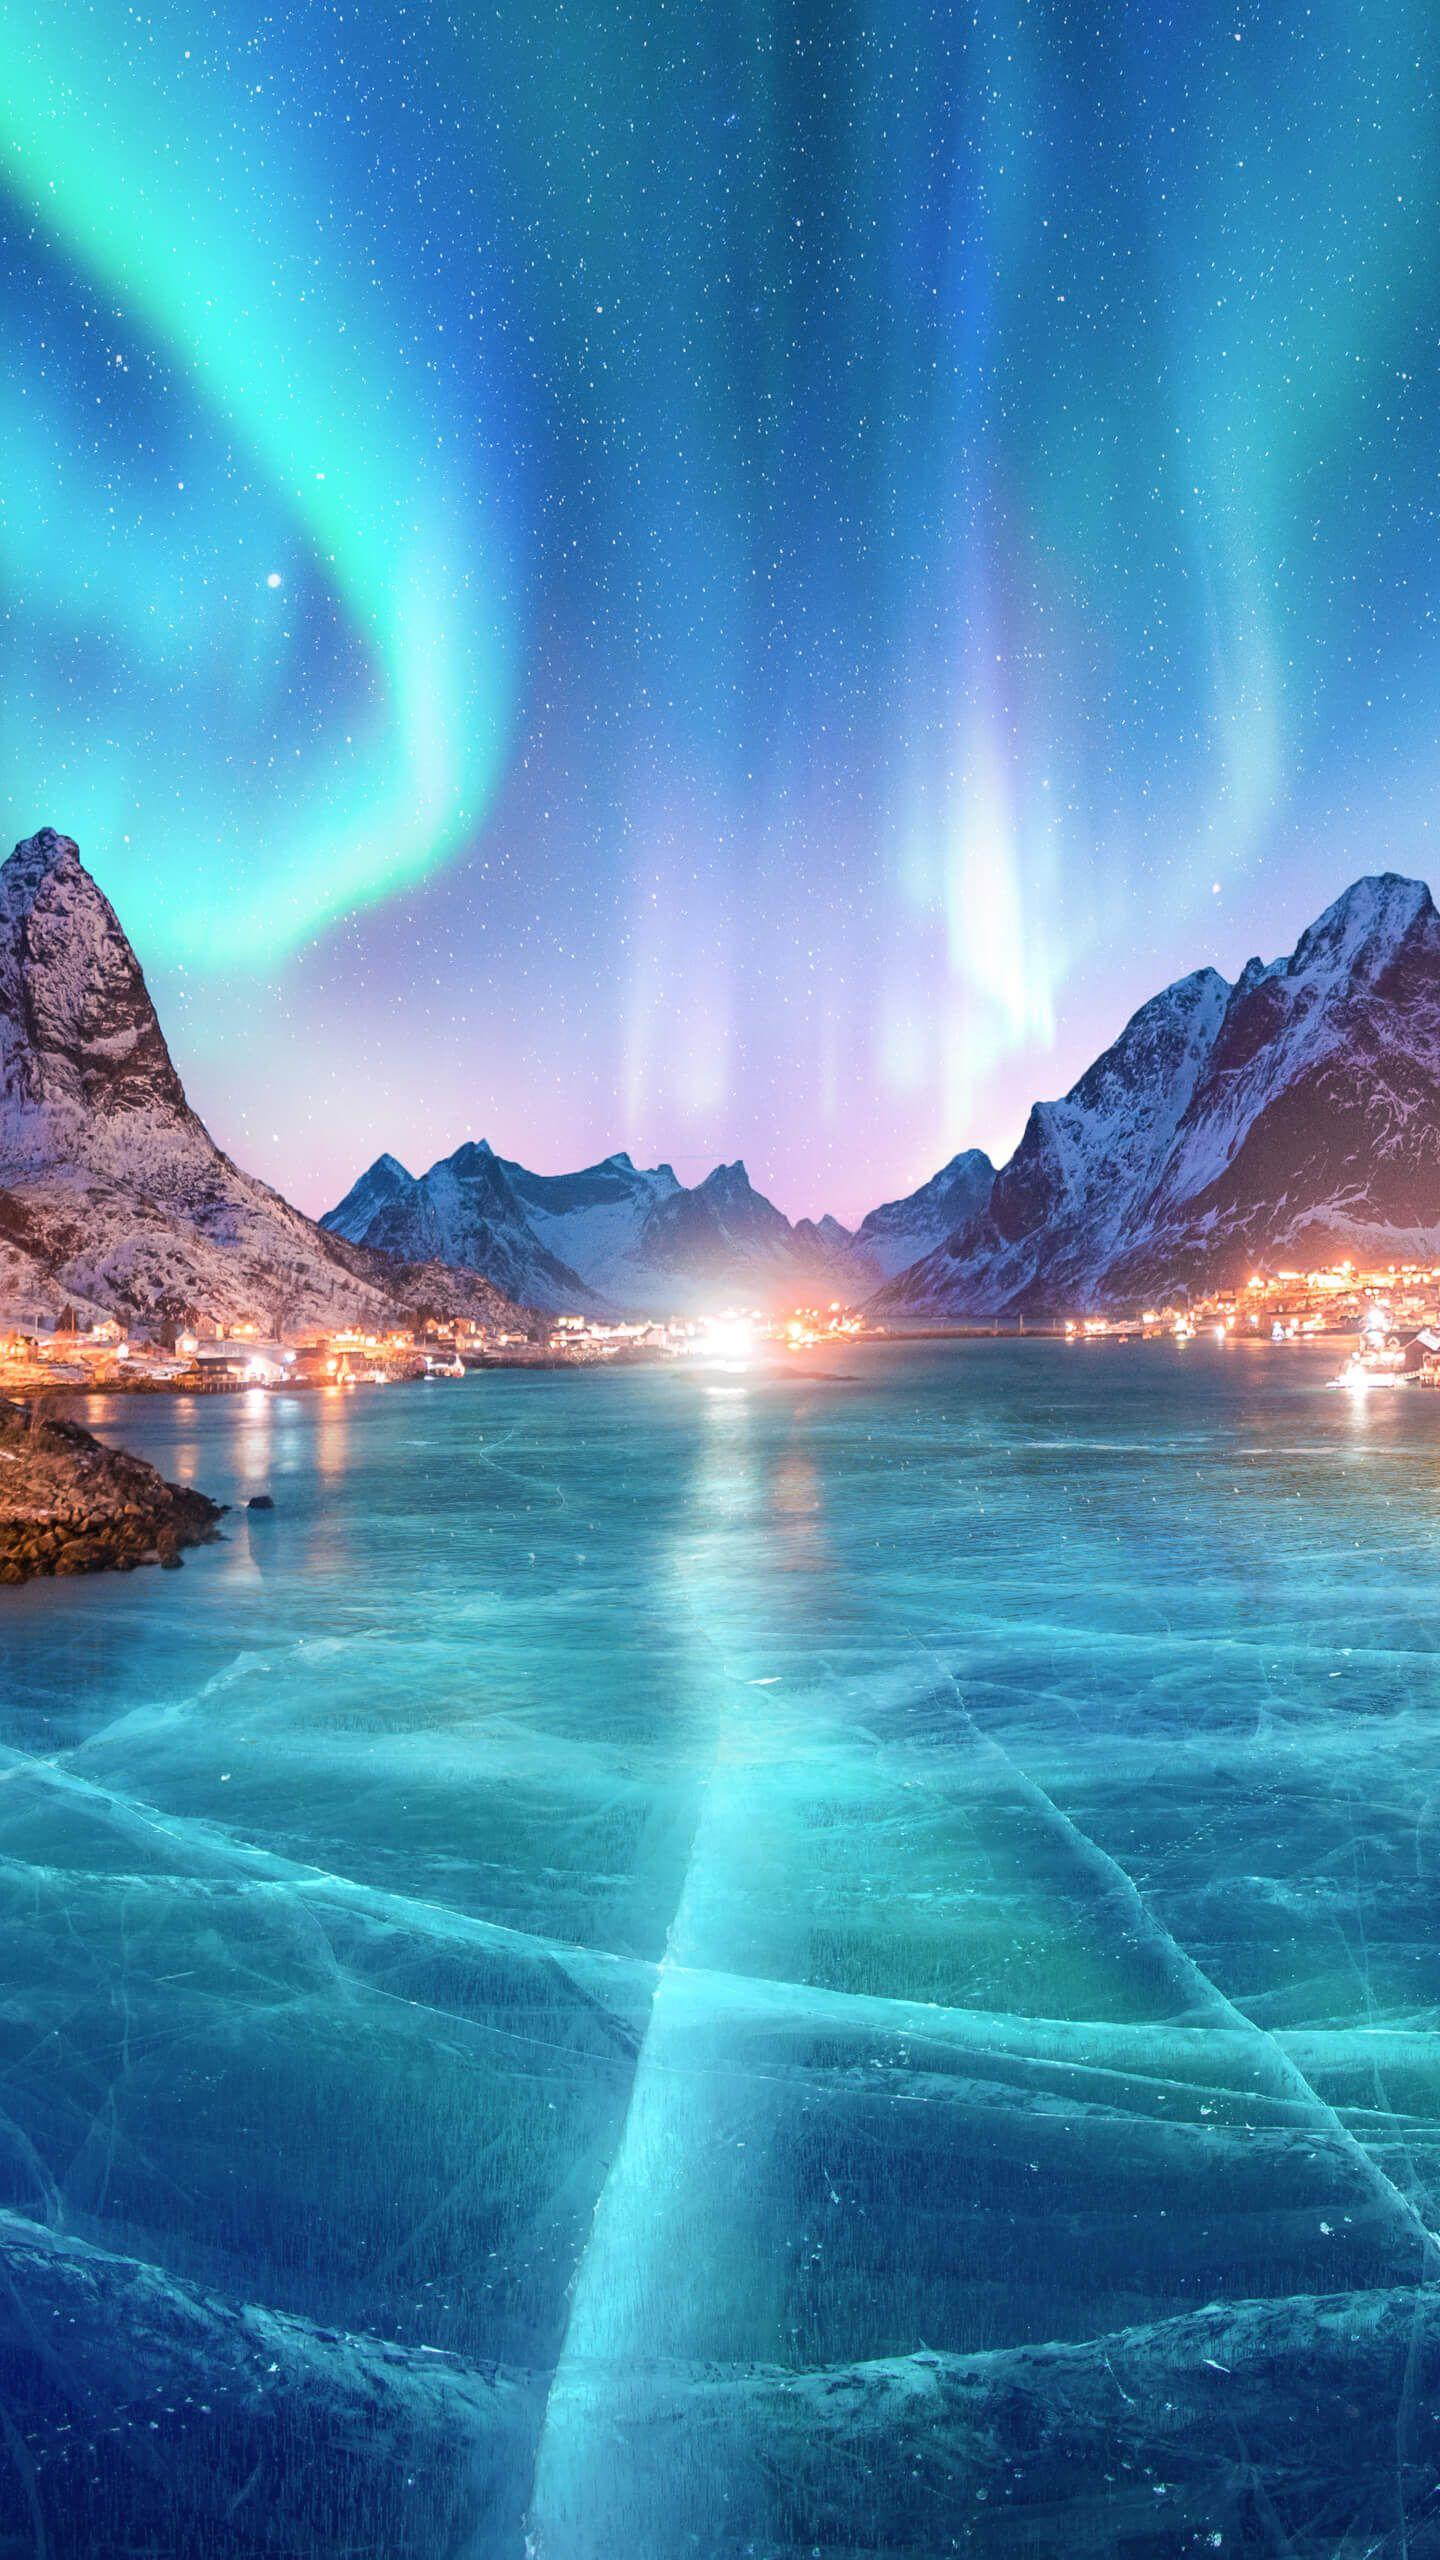 新着1位 オーロラと氷の海 Iphone11 スマホ壁紙 待受画像ギャラリー In 2020 Northern Lights Wallpaper Winter Landscape Nature Pictures